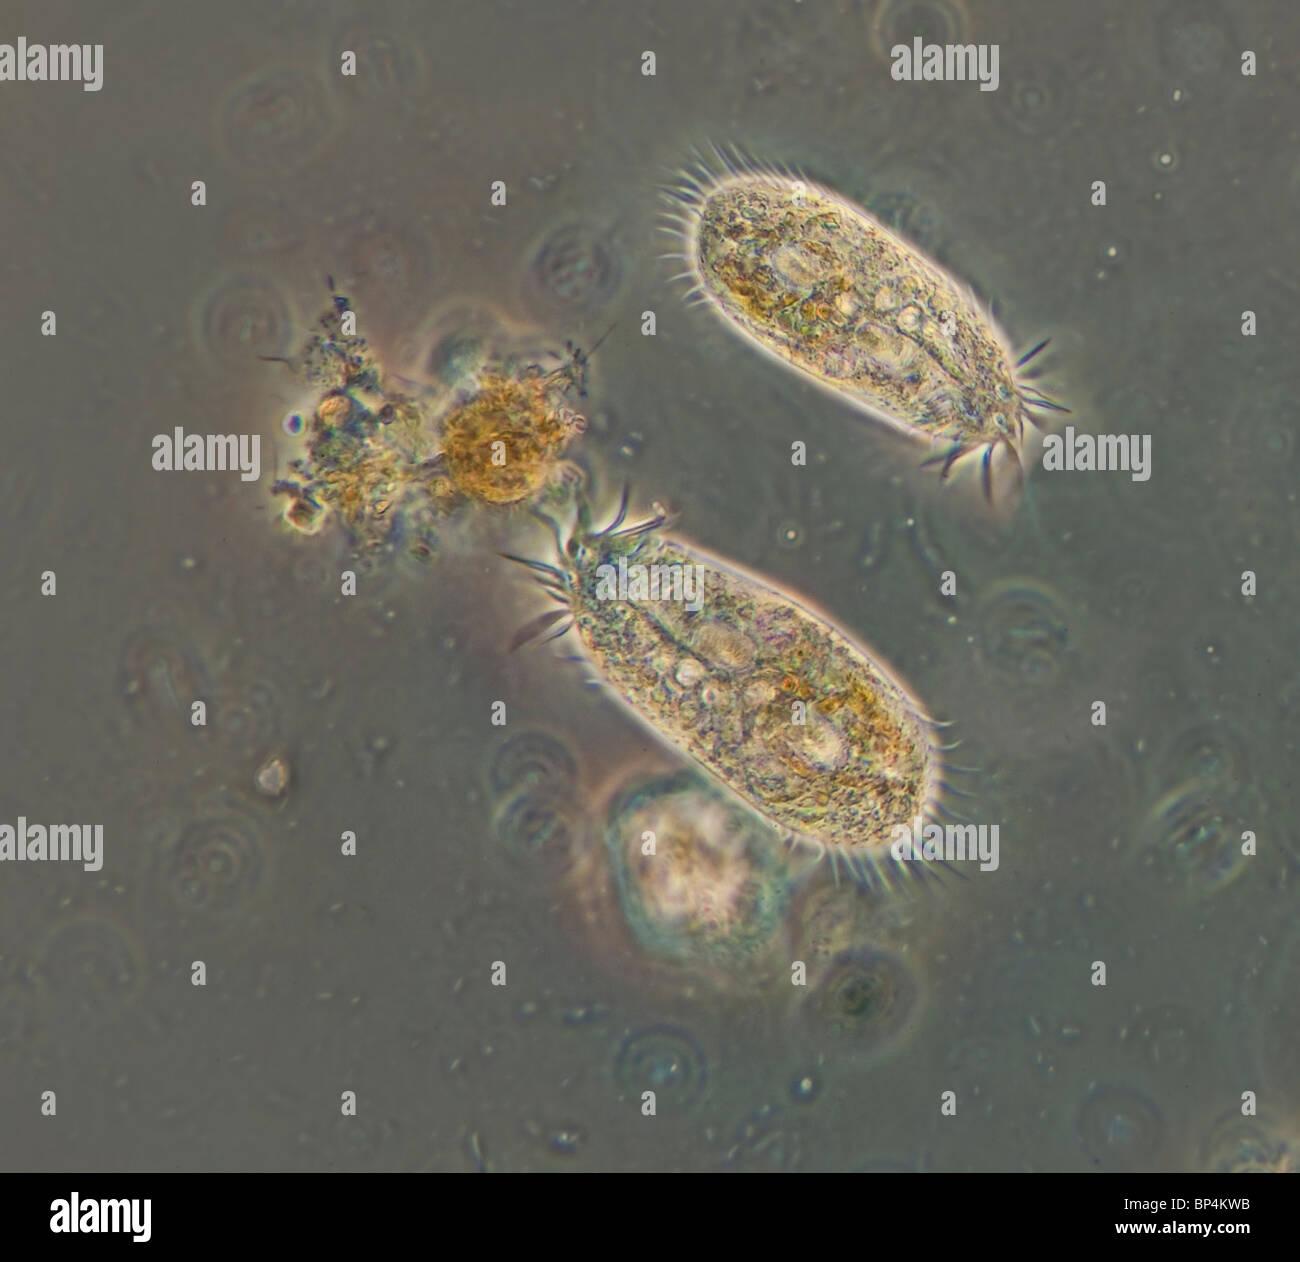 Campo oscuro / contrasto fase microfotografia di due Hypotrichs, un nuoto veloce ciliato, in un campione di acqua Immagini Stock